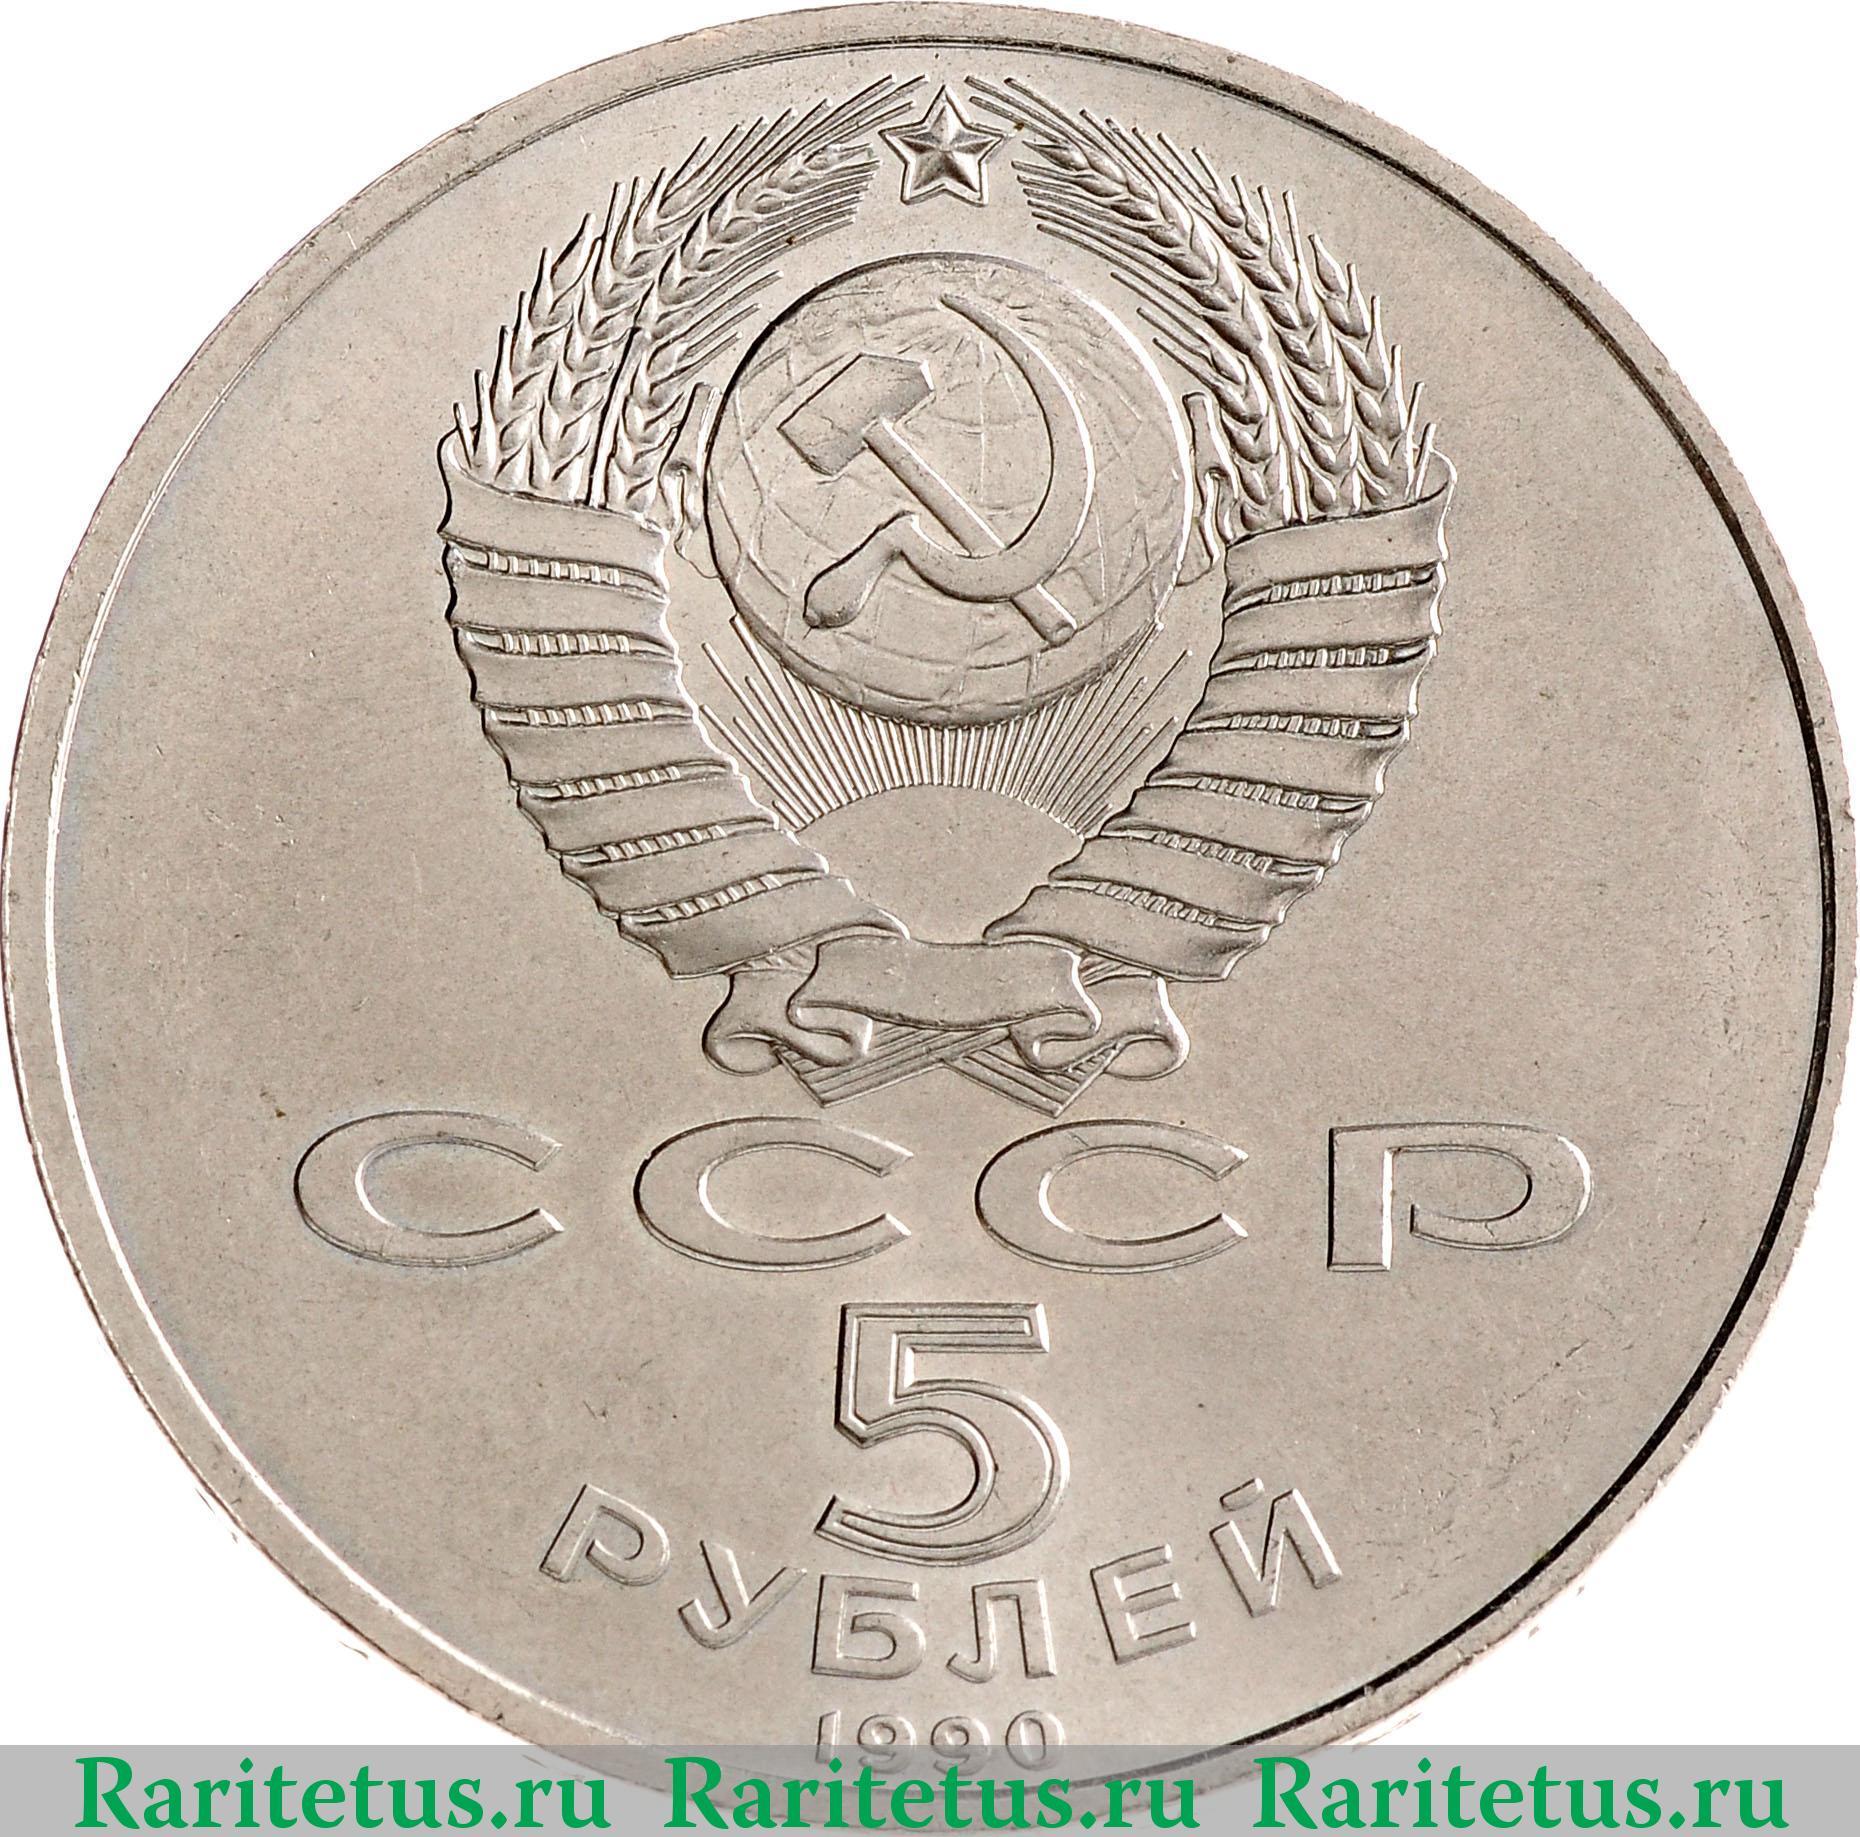 5 рублей 1990 г большой дворец петродворец подделки и разновидность сочи эмблема